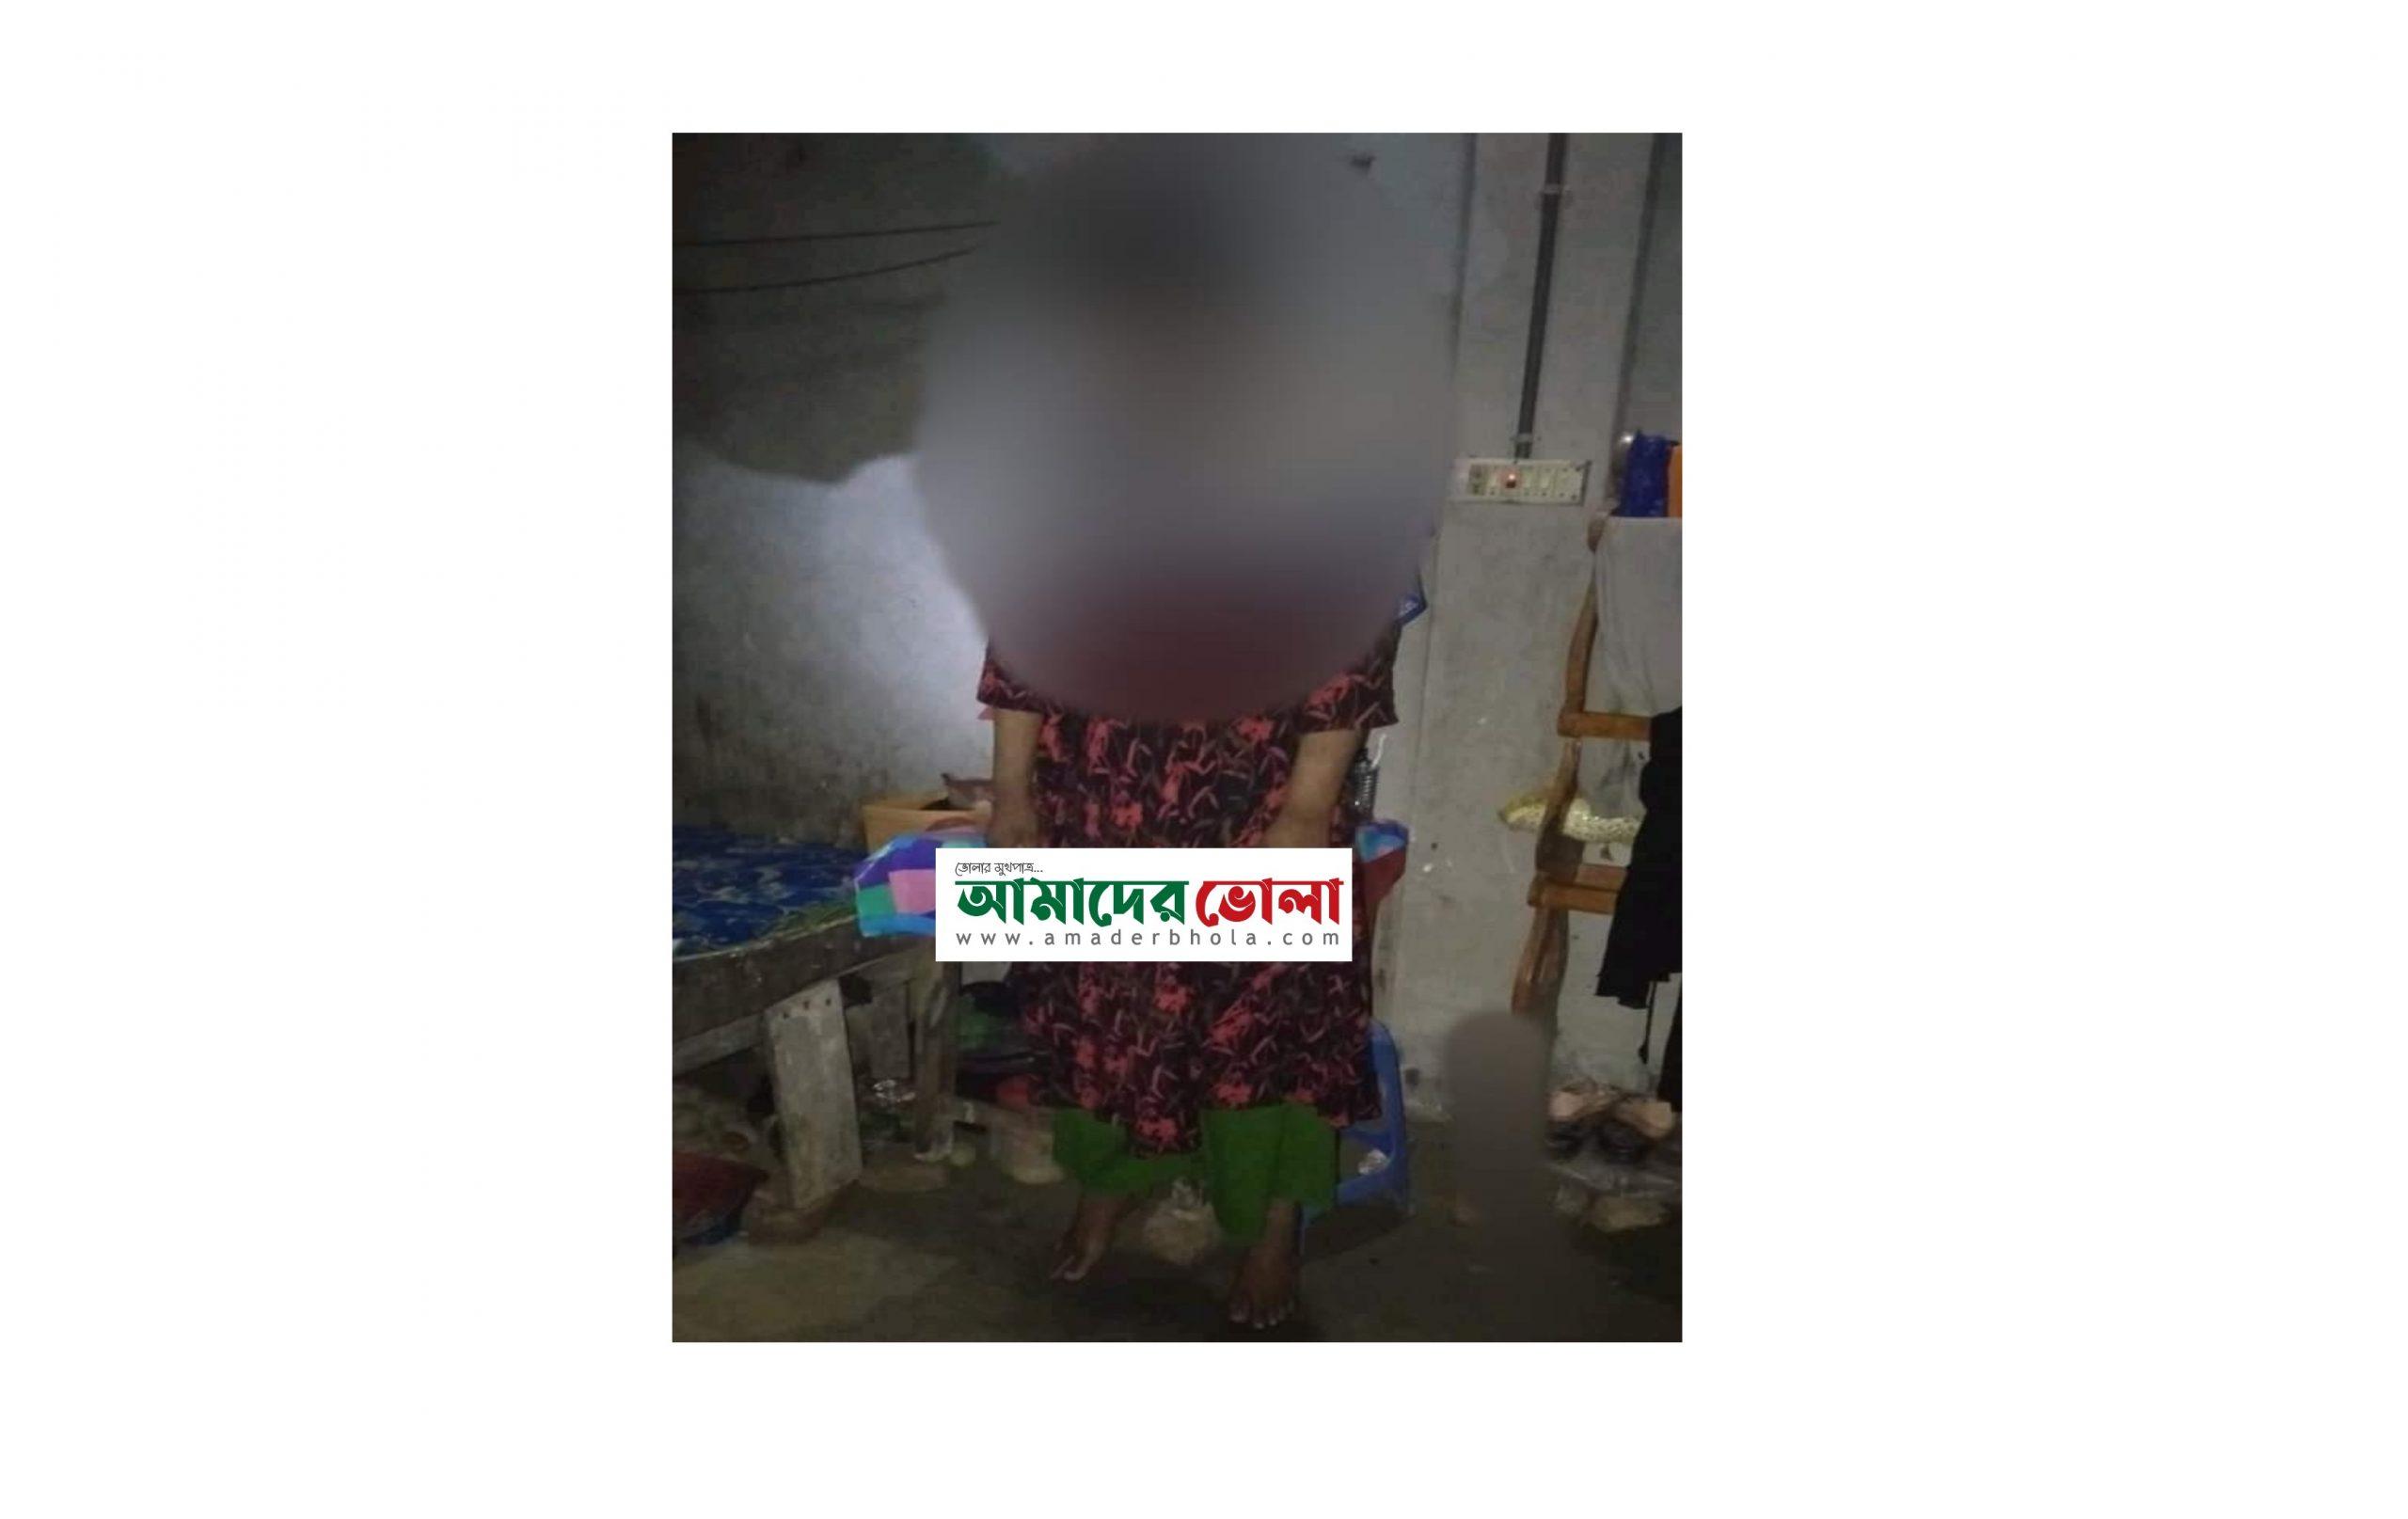 ভোলায় গৃহবধূর ঝুলন্ত লাশ উদ্ধার, পরিবারের দাবী আত্মহত্যা